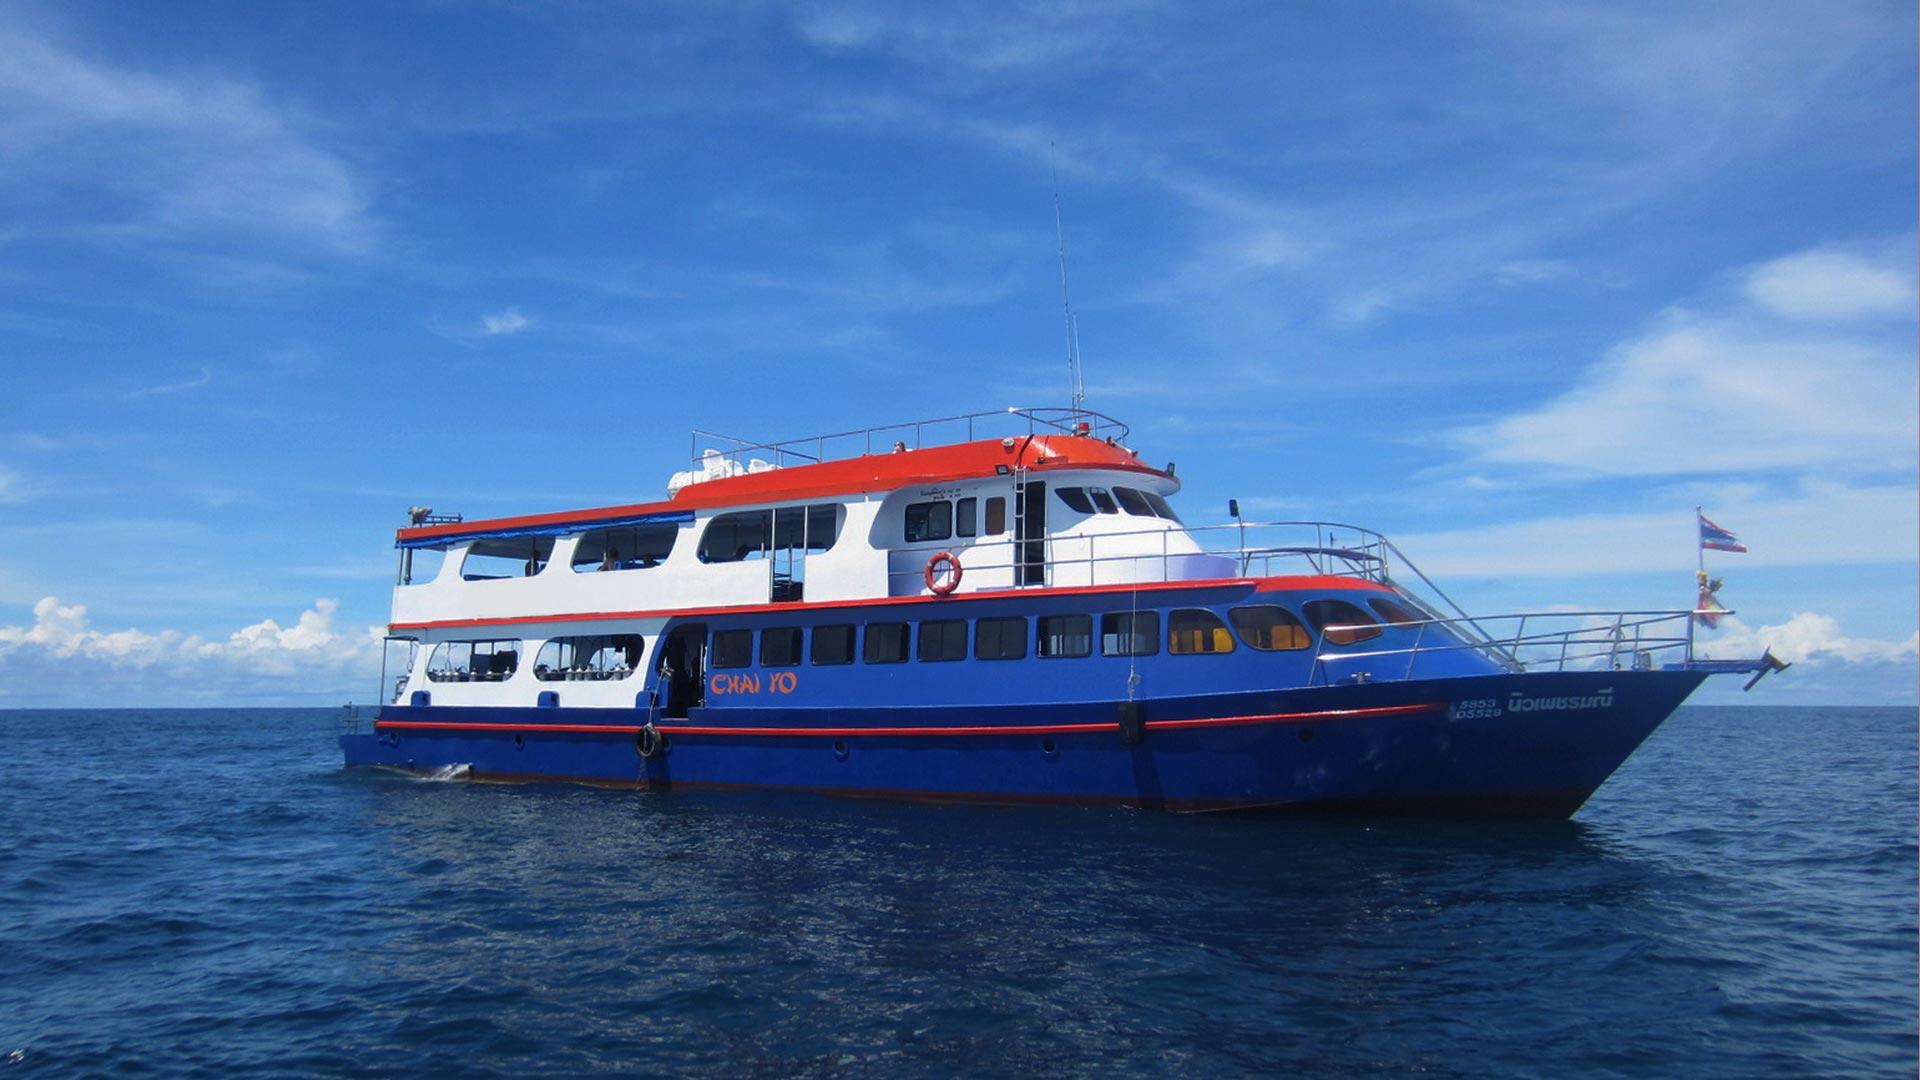 Daytrip diving boat MV Chay Yo to Koh Bon and Koh Tachai